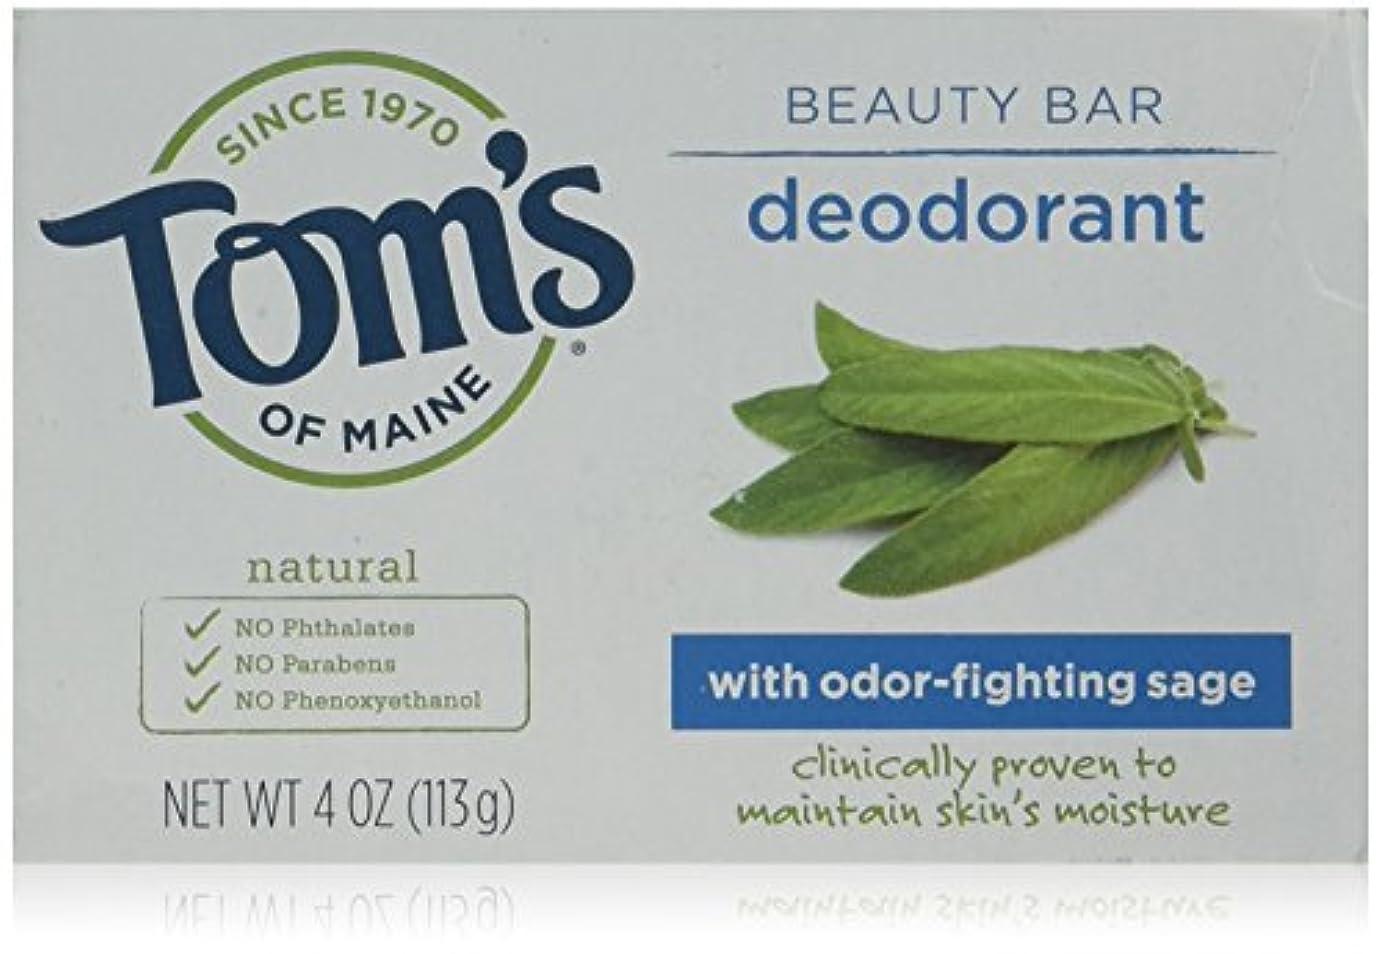 温度安心アマゾンジャングルTom's of Maine Natural Beauty Bar Deodorant Soap ナチュラル ビューティー バー デオドラント ソープ [4oz (113g)] [並行輸入品]